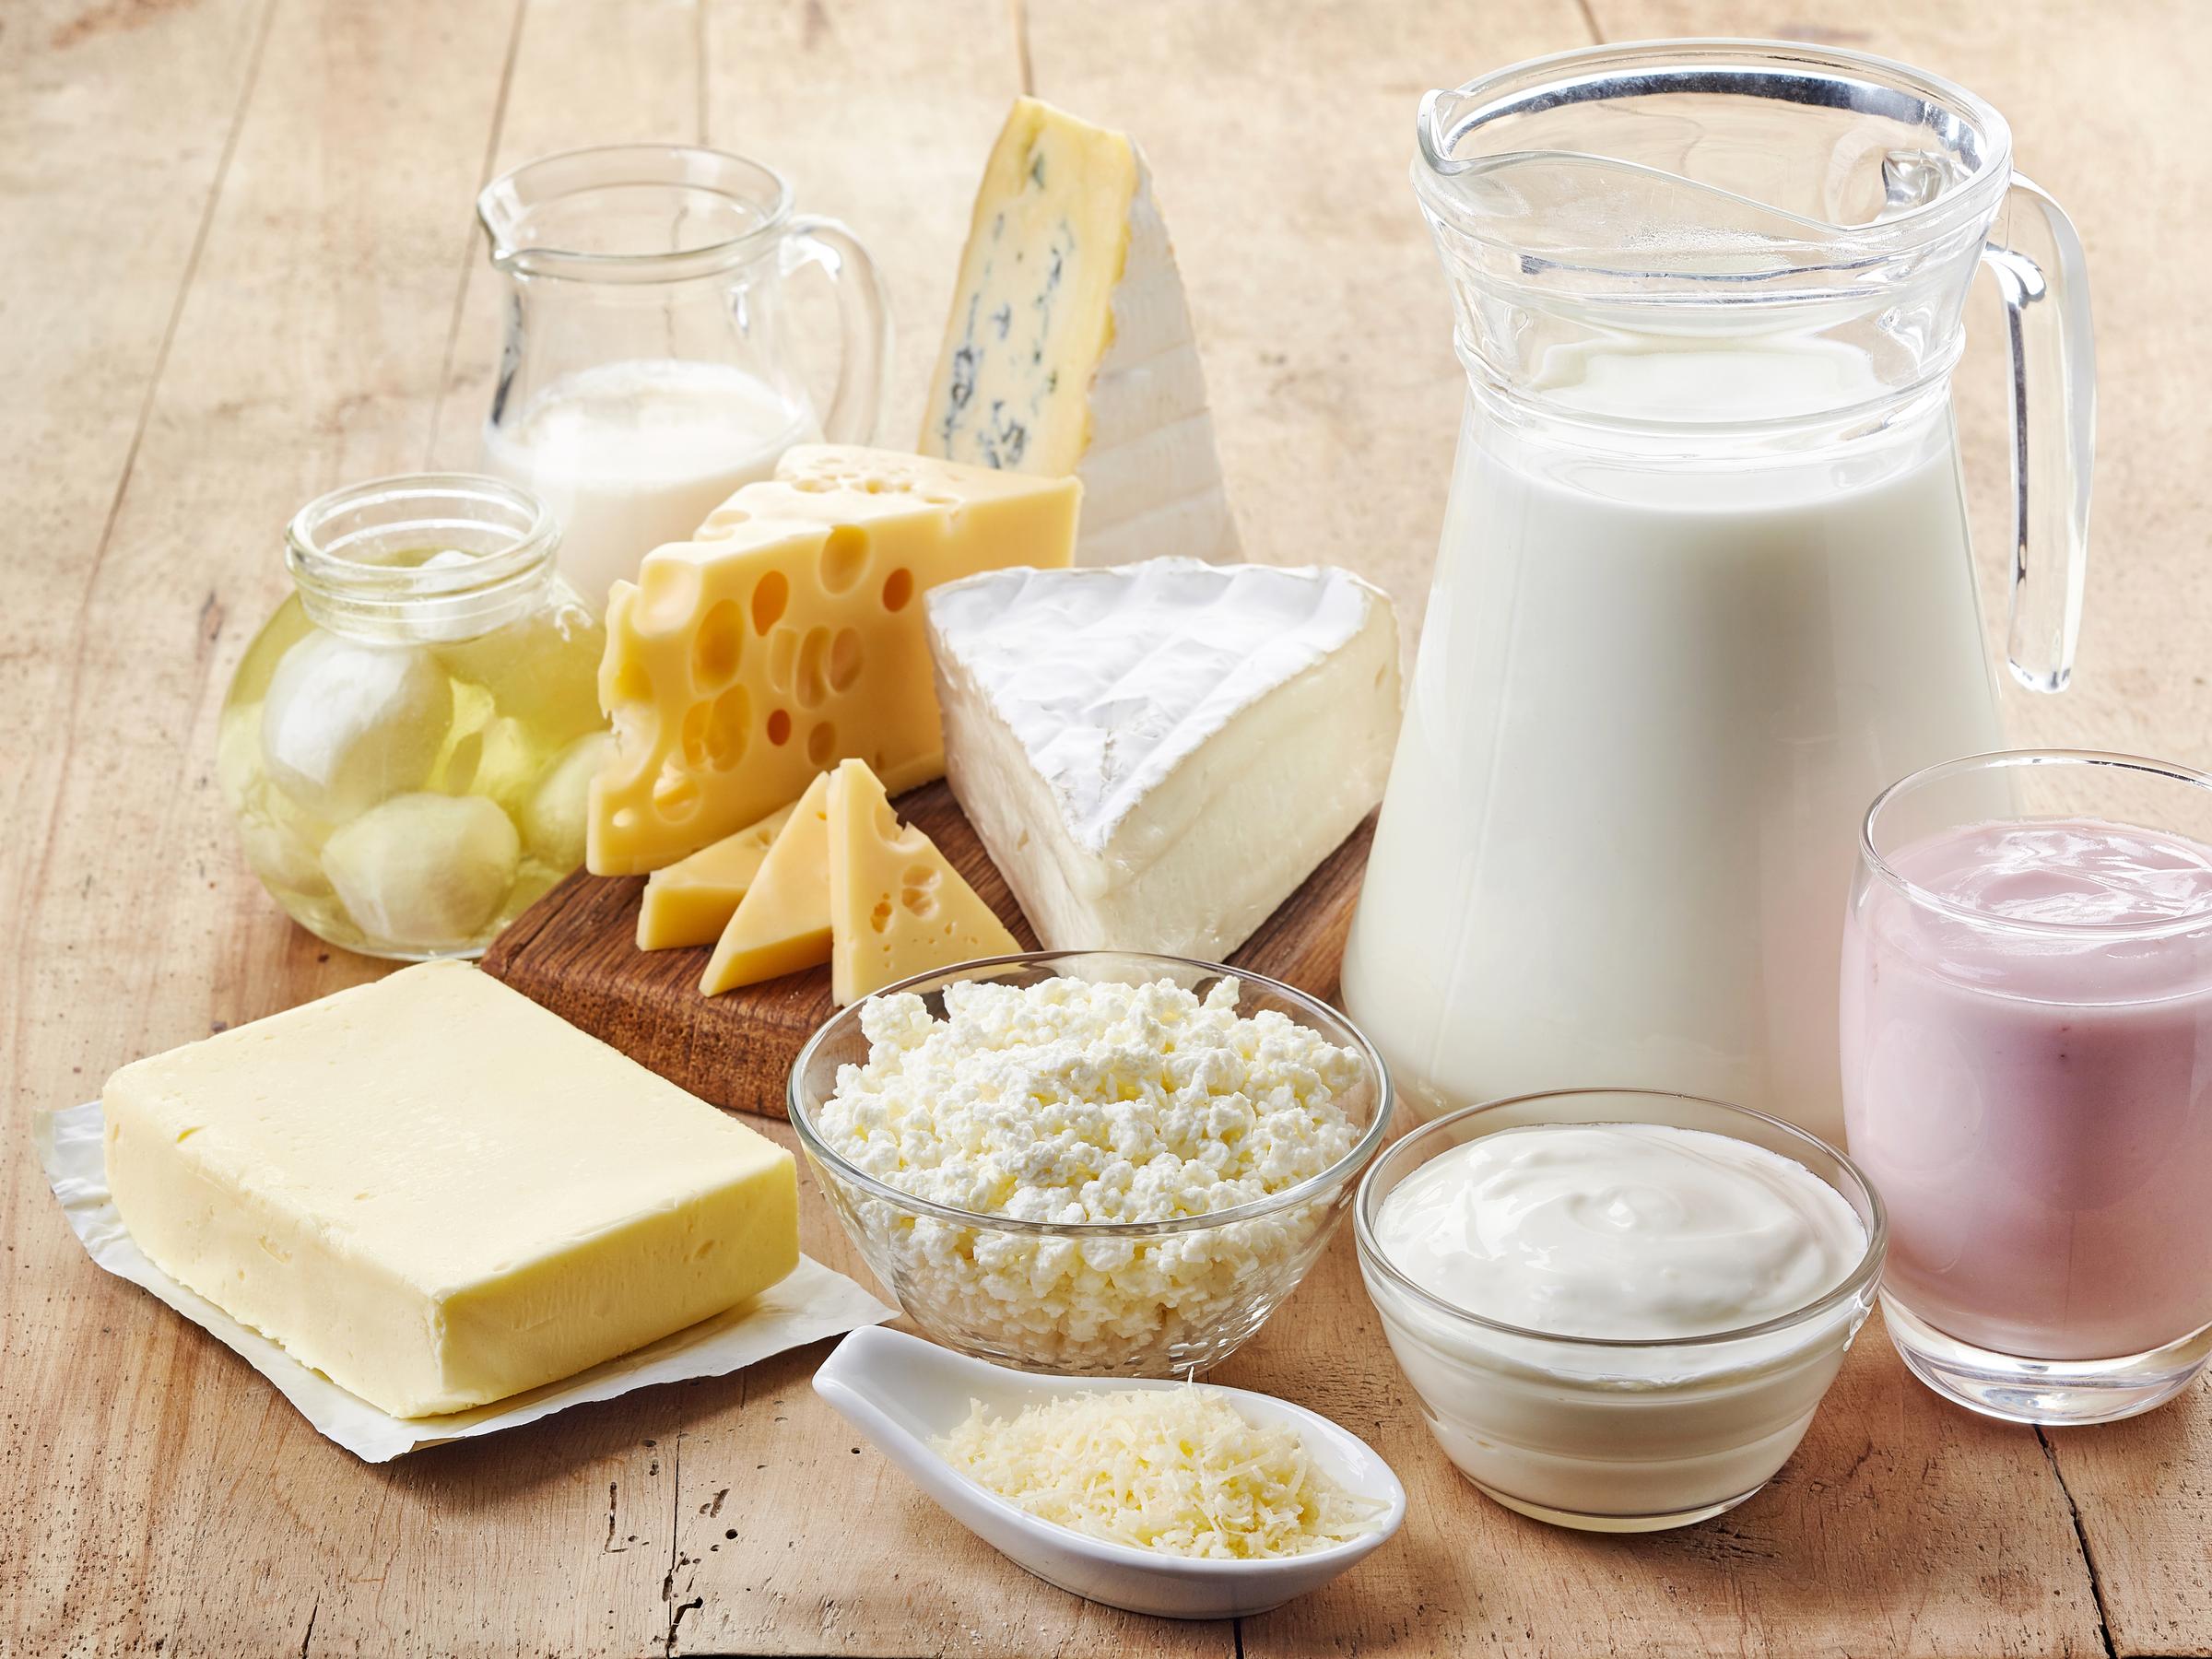 Диетолог назвала вредные для здоровья кисломолочные продукты